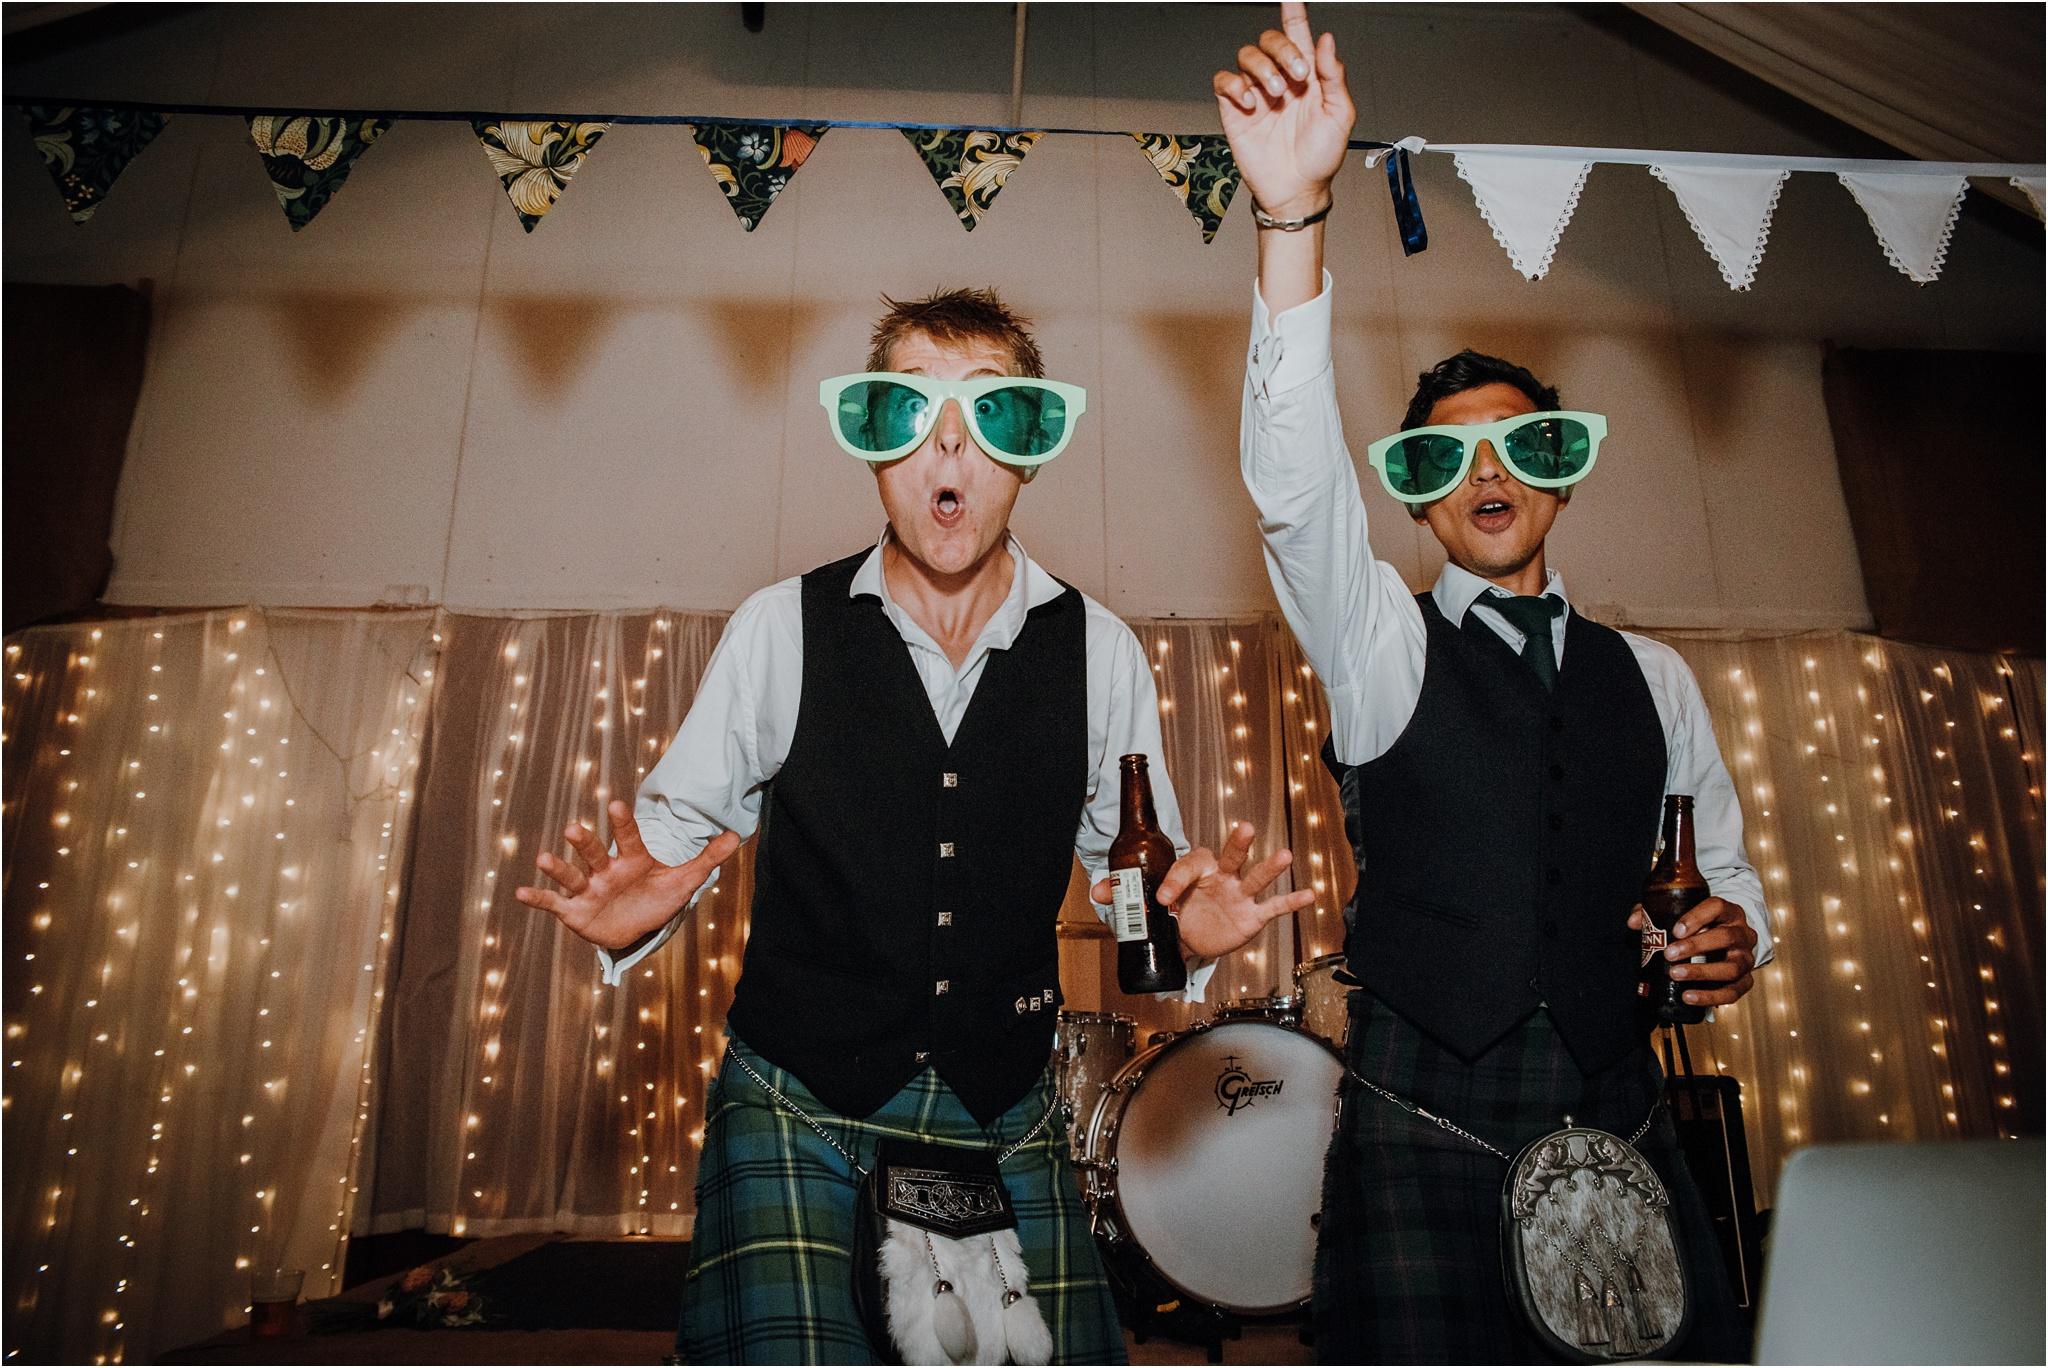 Edinburgh-barn-wedding-photographer_118.jpg